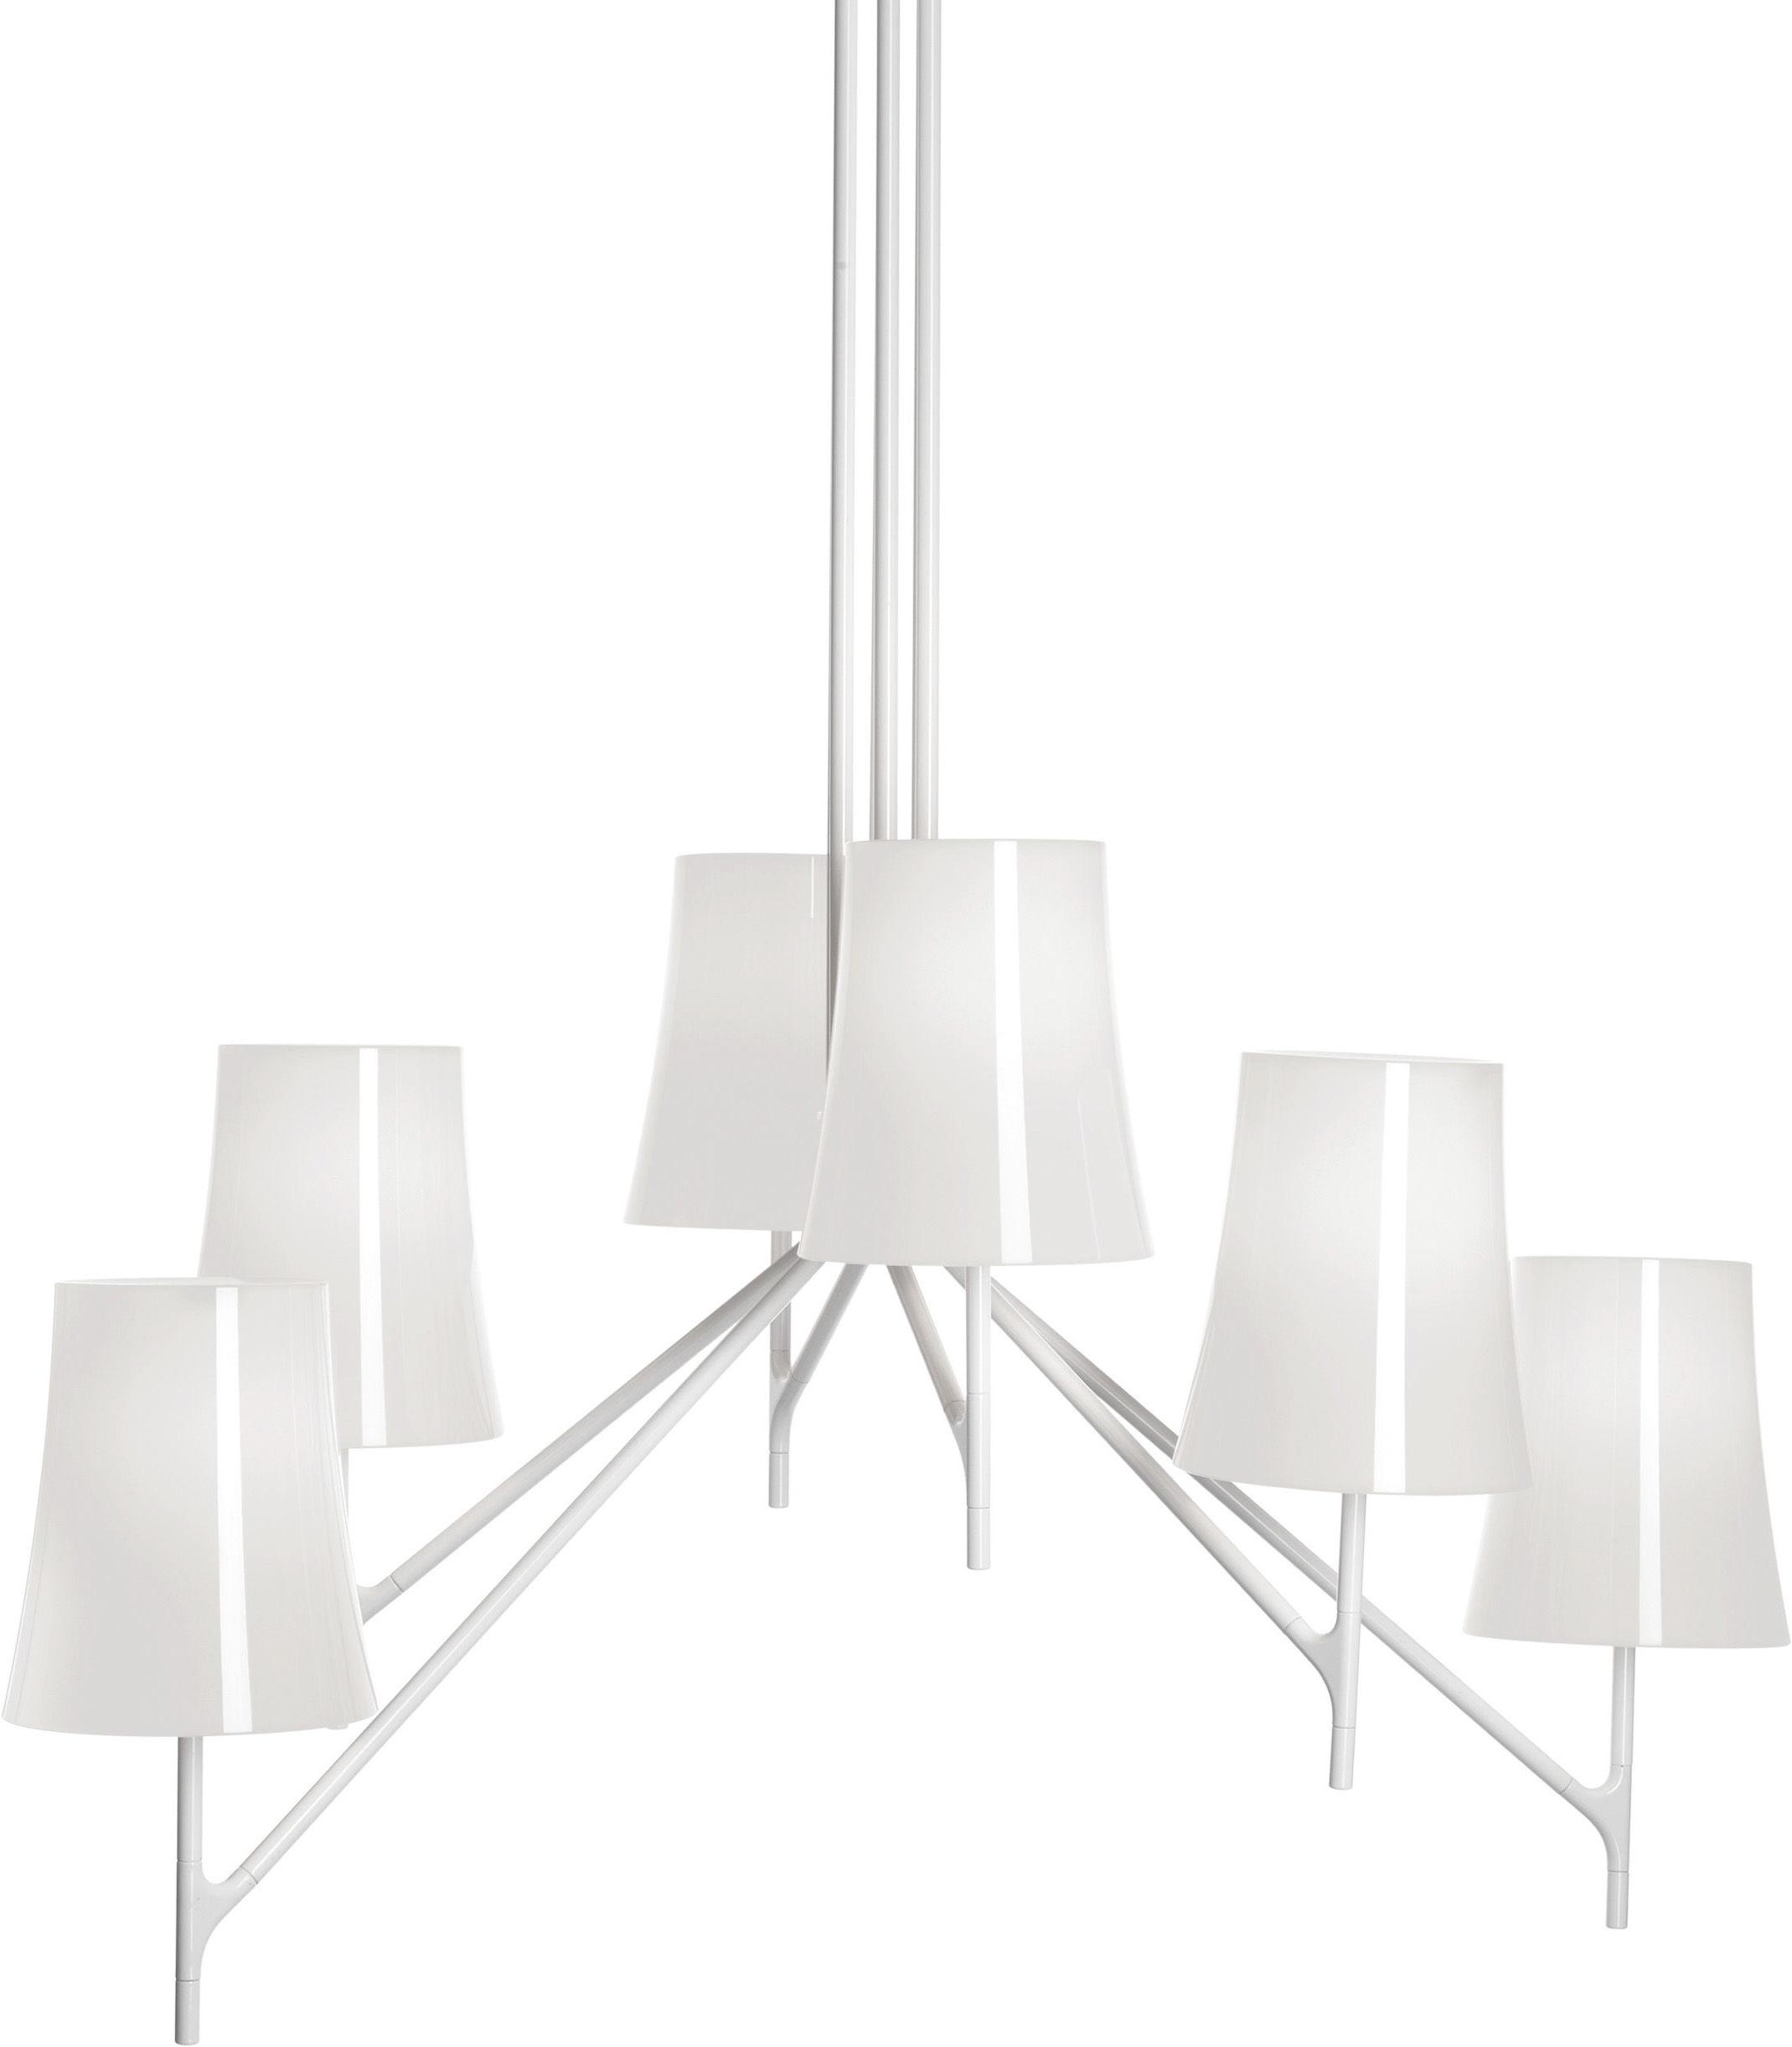 Leuchten - Pendelleuchten - Birdie Pendelleuchte 9 Arme - feste Höhe - Foscarini - 9 Arme - Weiß - klarlackbeschichteter rostfreier Stahl, Polykarbonat